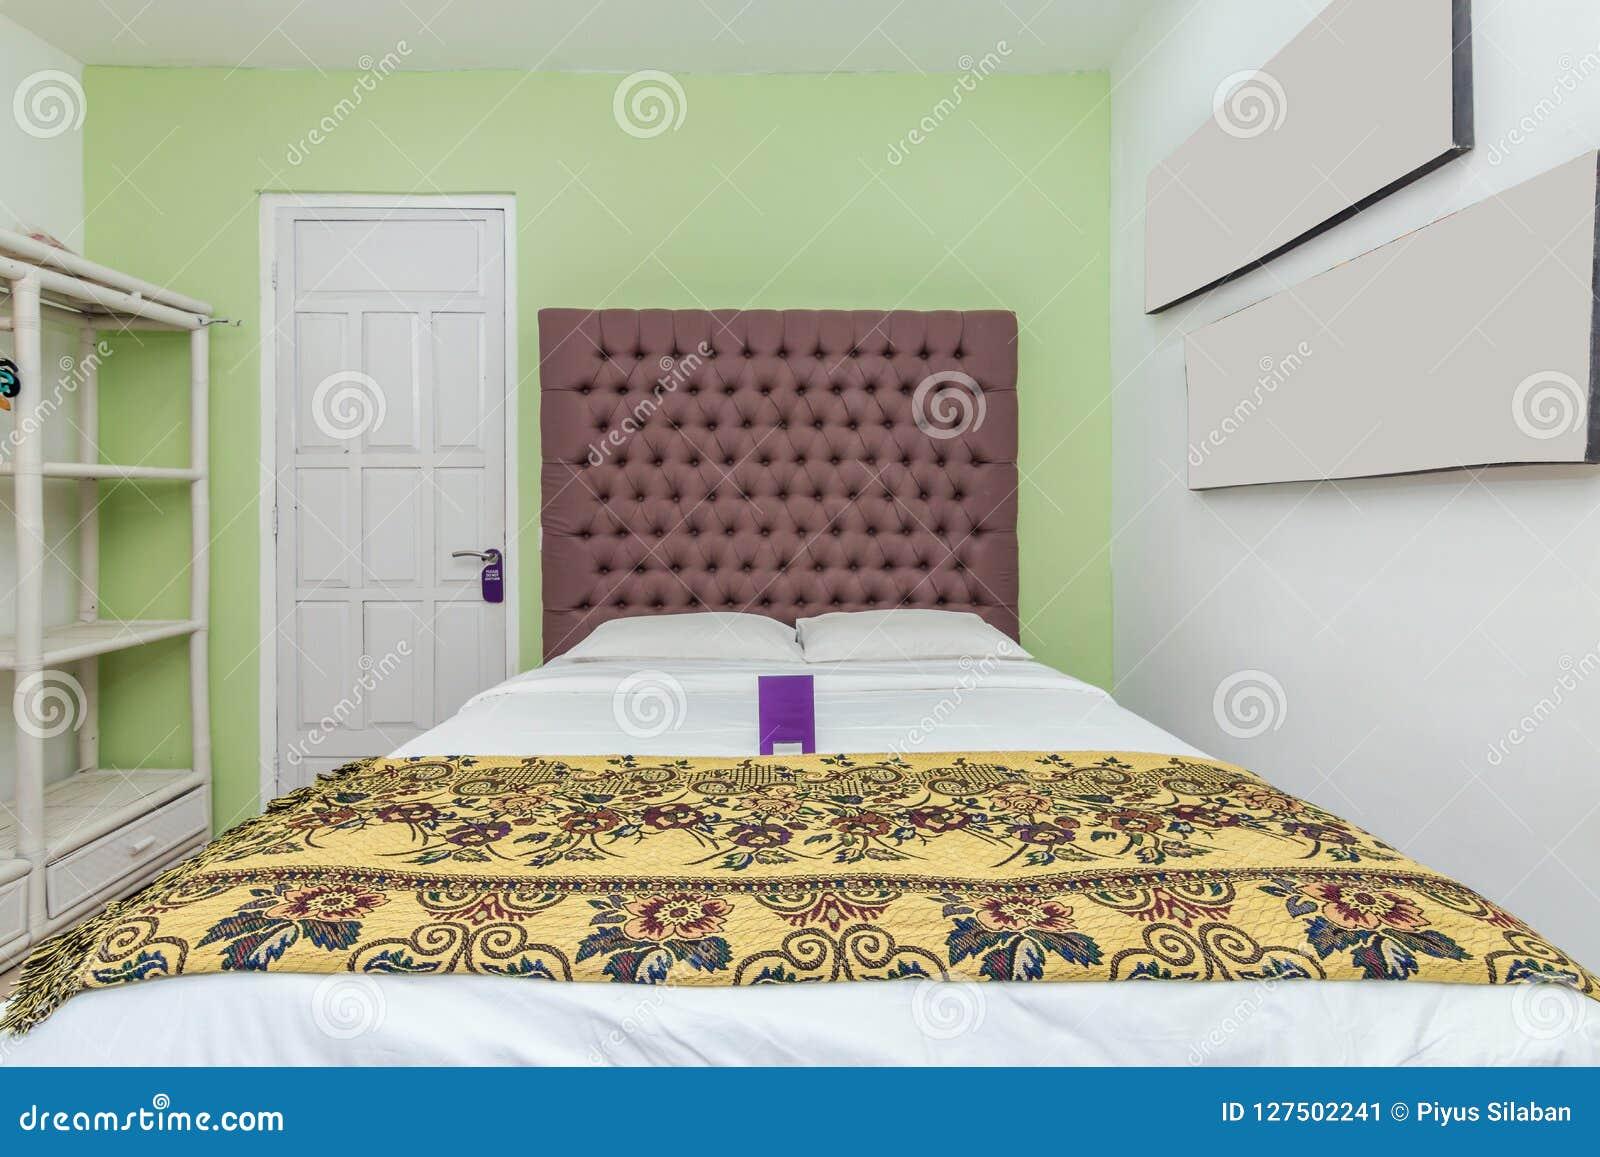 Letti Di Lusso Prezzi : Camera da letto di lusso eccellente della villa immagine stock